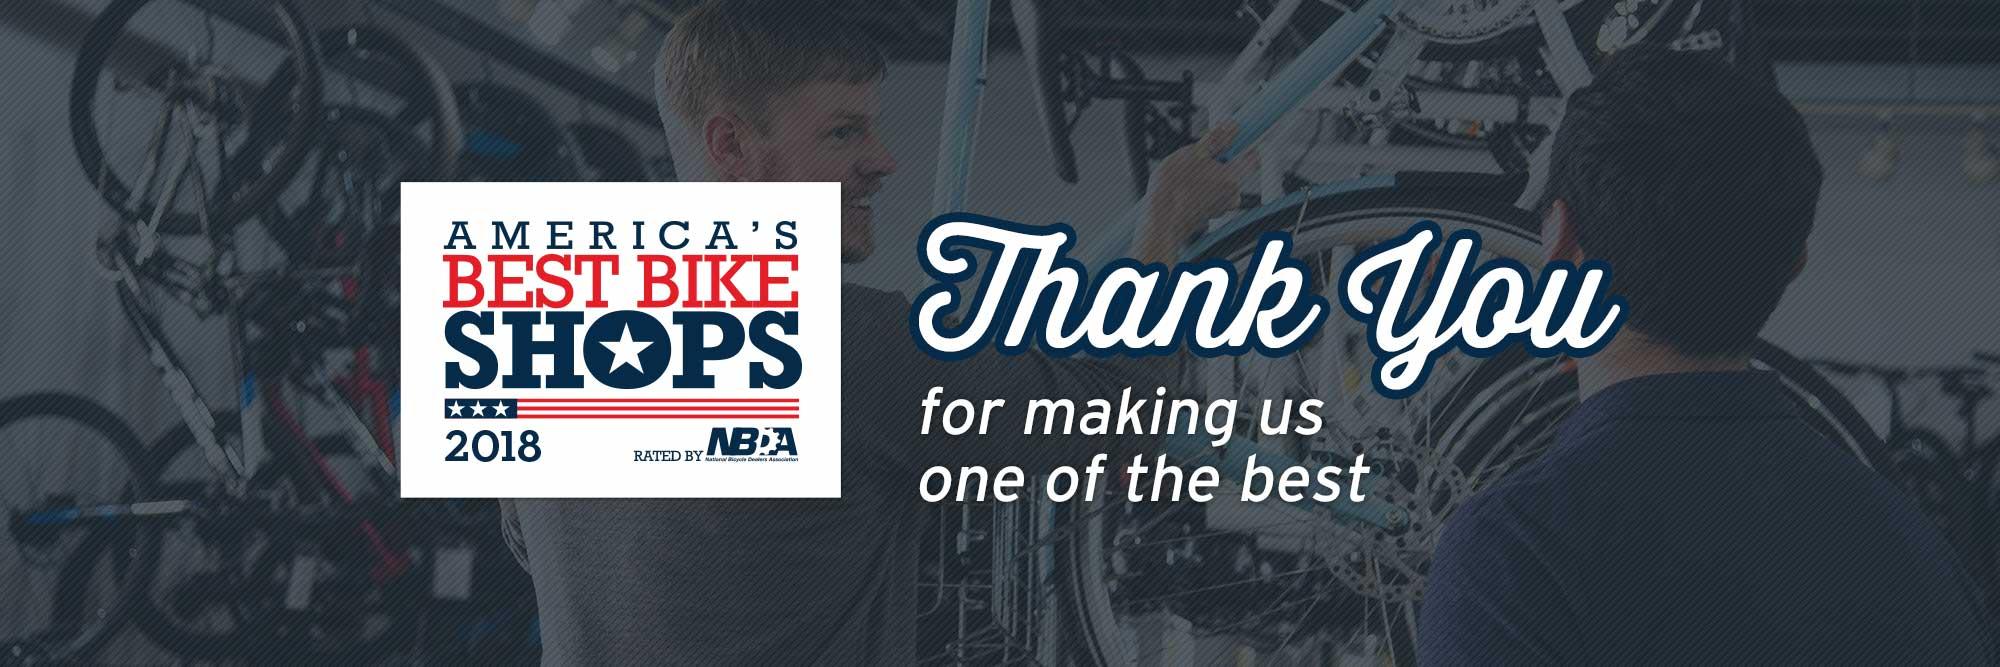 America's Best Bike Shops 2018